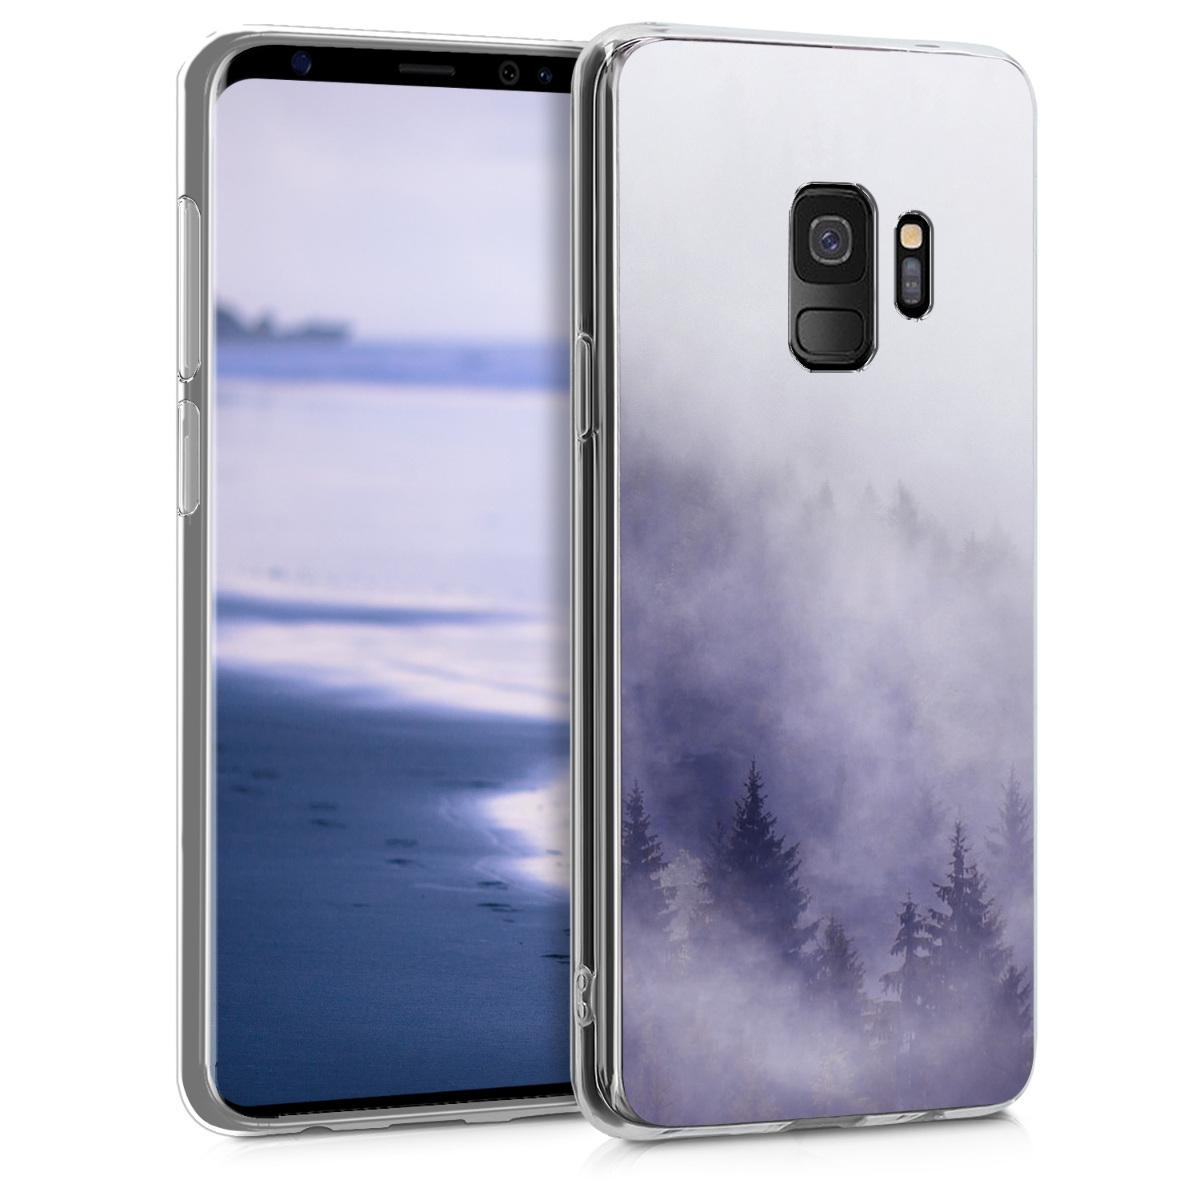 Kvalitní silikonové TPU pouzdro pro Samsung S9 - Misty Forest světle  šedé / modré / tmavě šedé